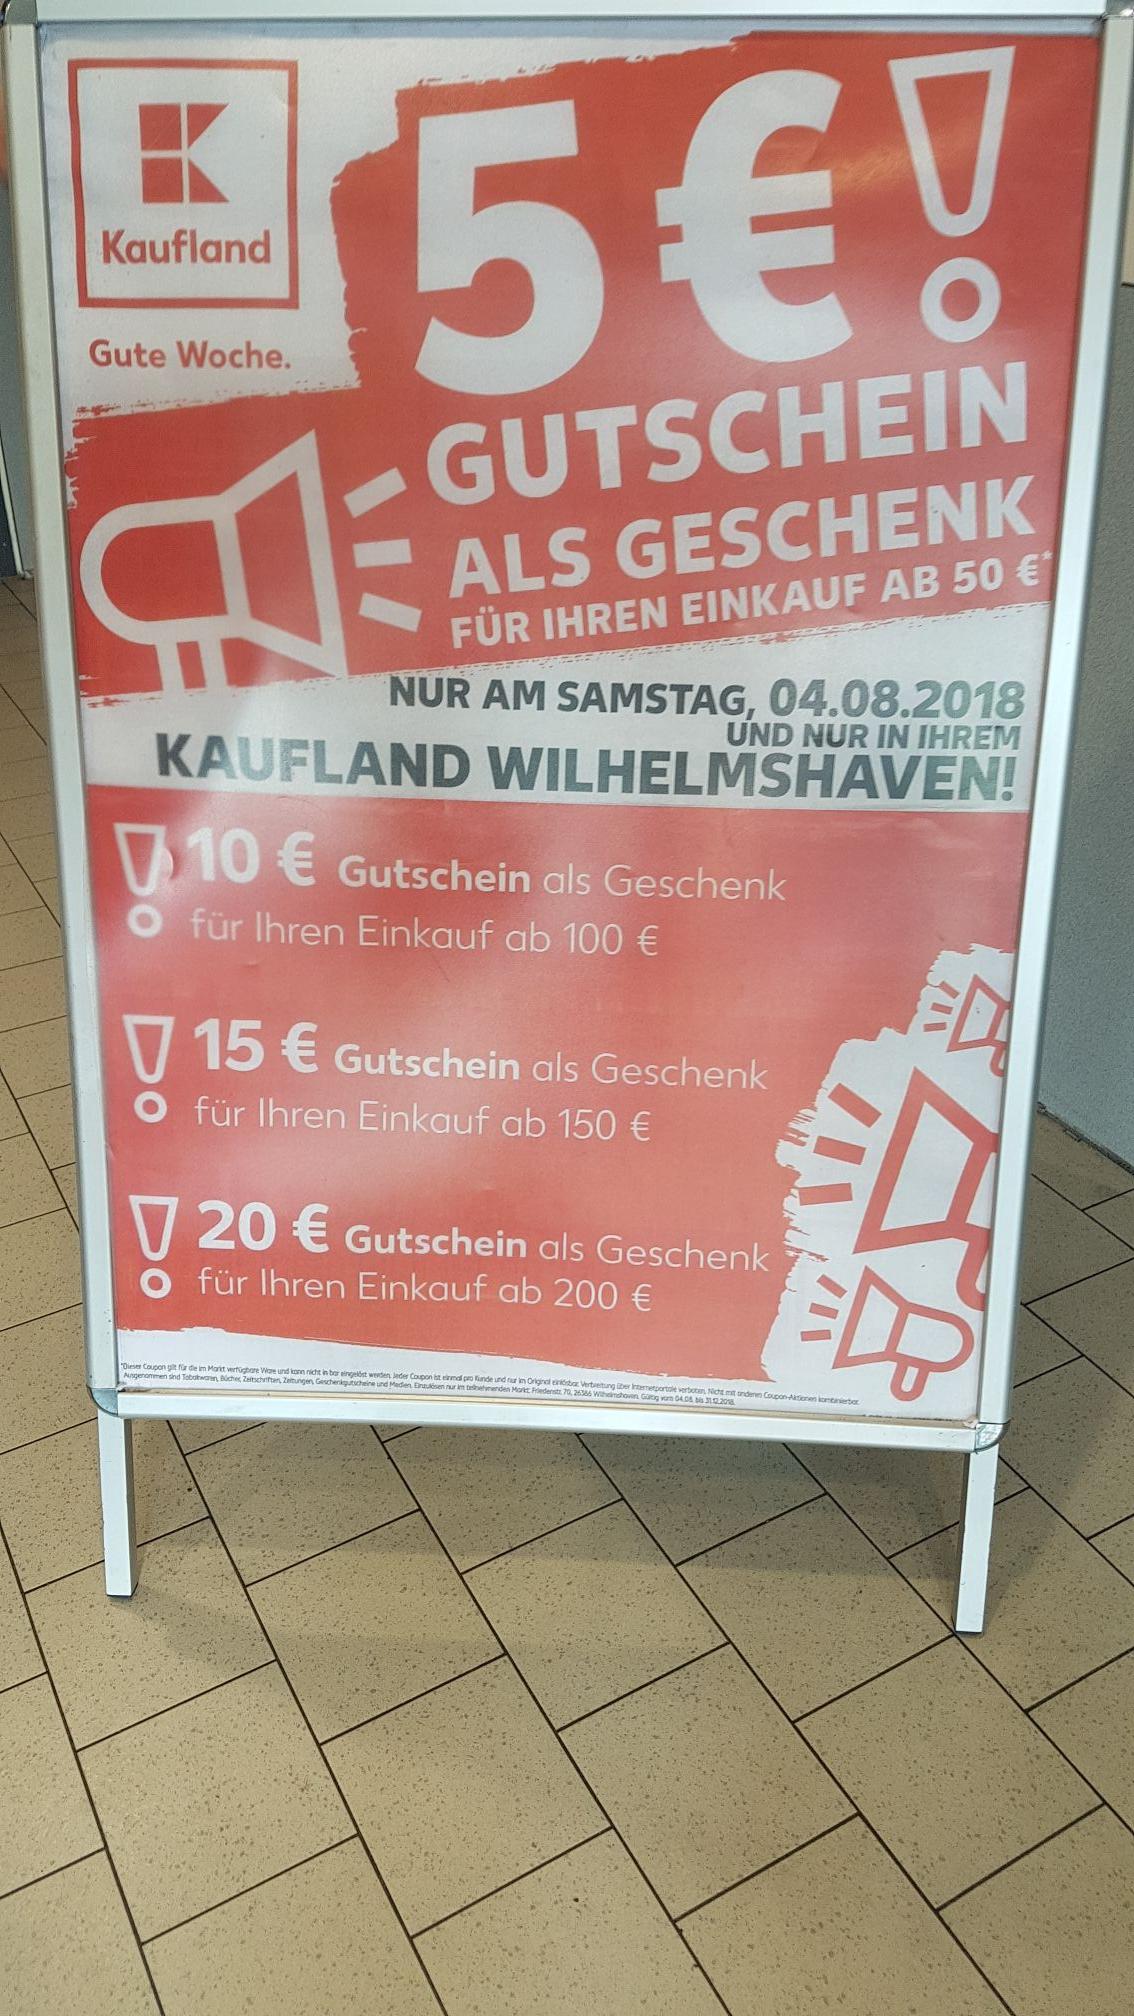 Lokal Kaufland Wilhelmshaven Gutscheinaktion nur am 4.8.2018